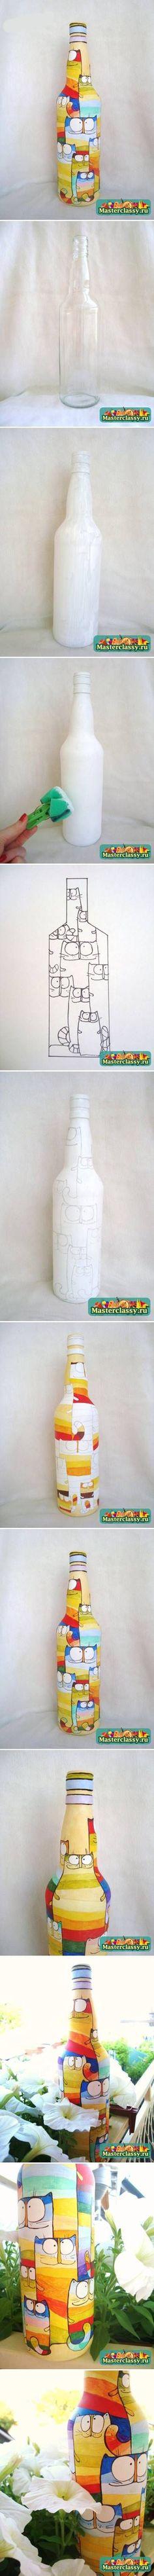 Pintura em garrafa